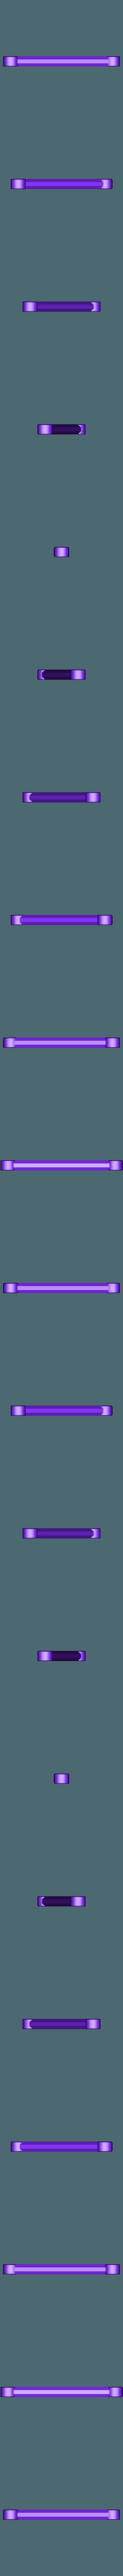 Rear Camber link.stl Télécharger fichier STL gratuit WLtoys A959 • Plan imprimable en 3D, EvolvingExtrusions